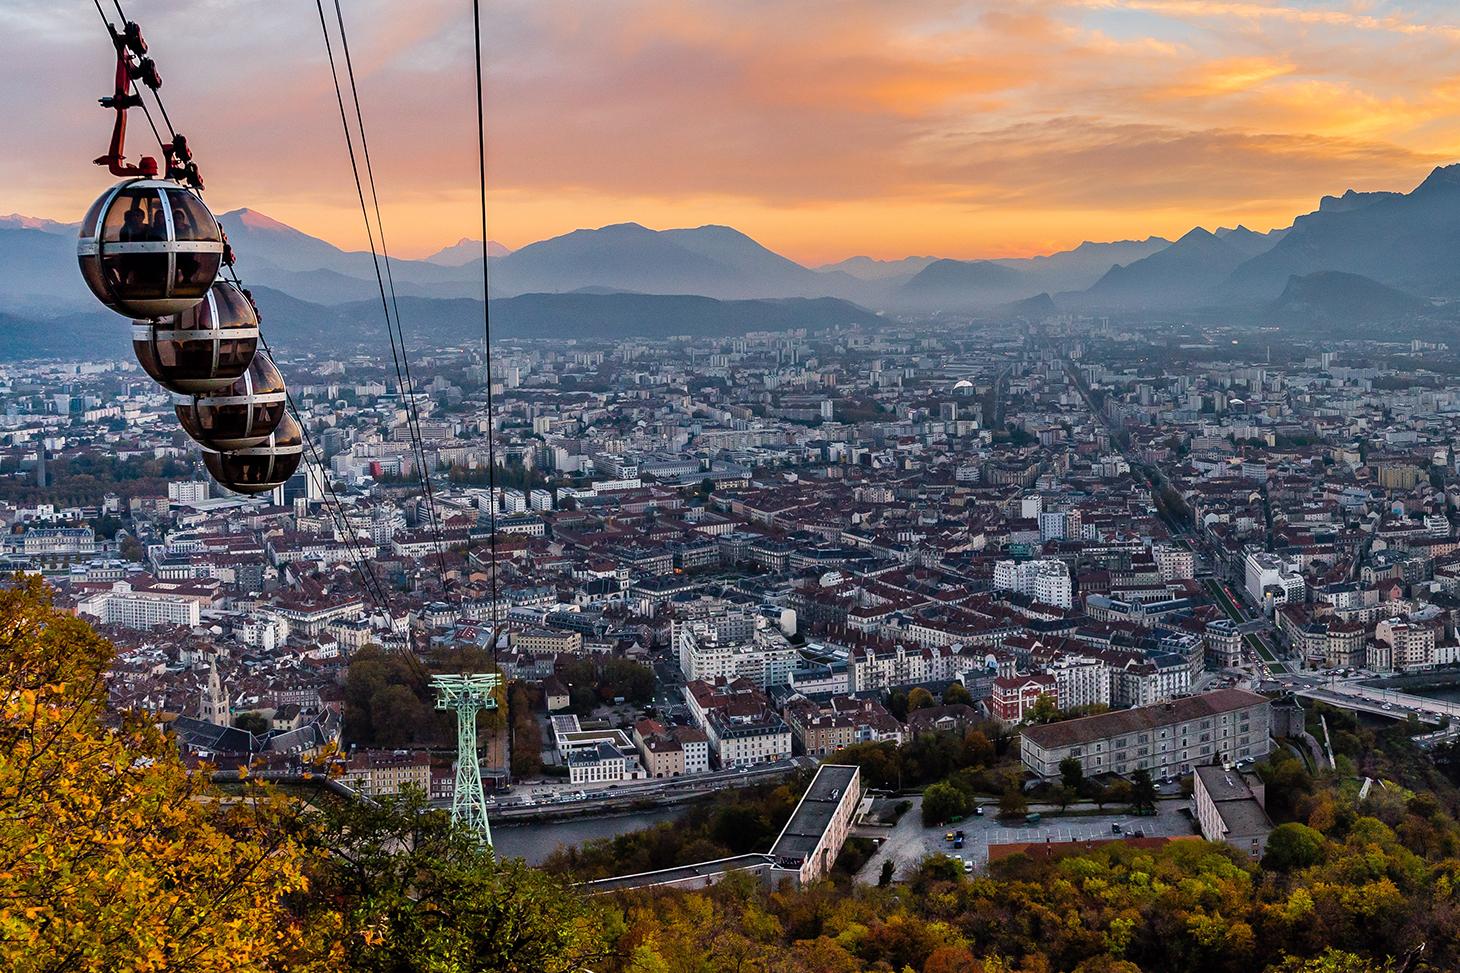 La ville de Grenoble vue depuis la Bastille